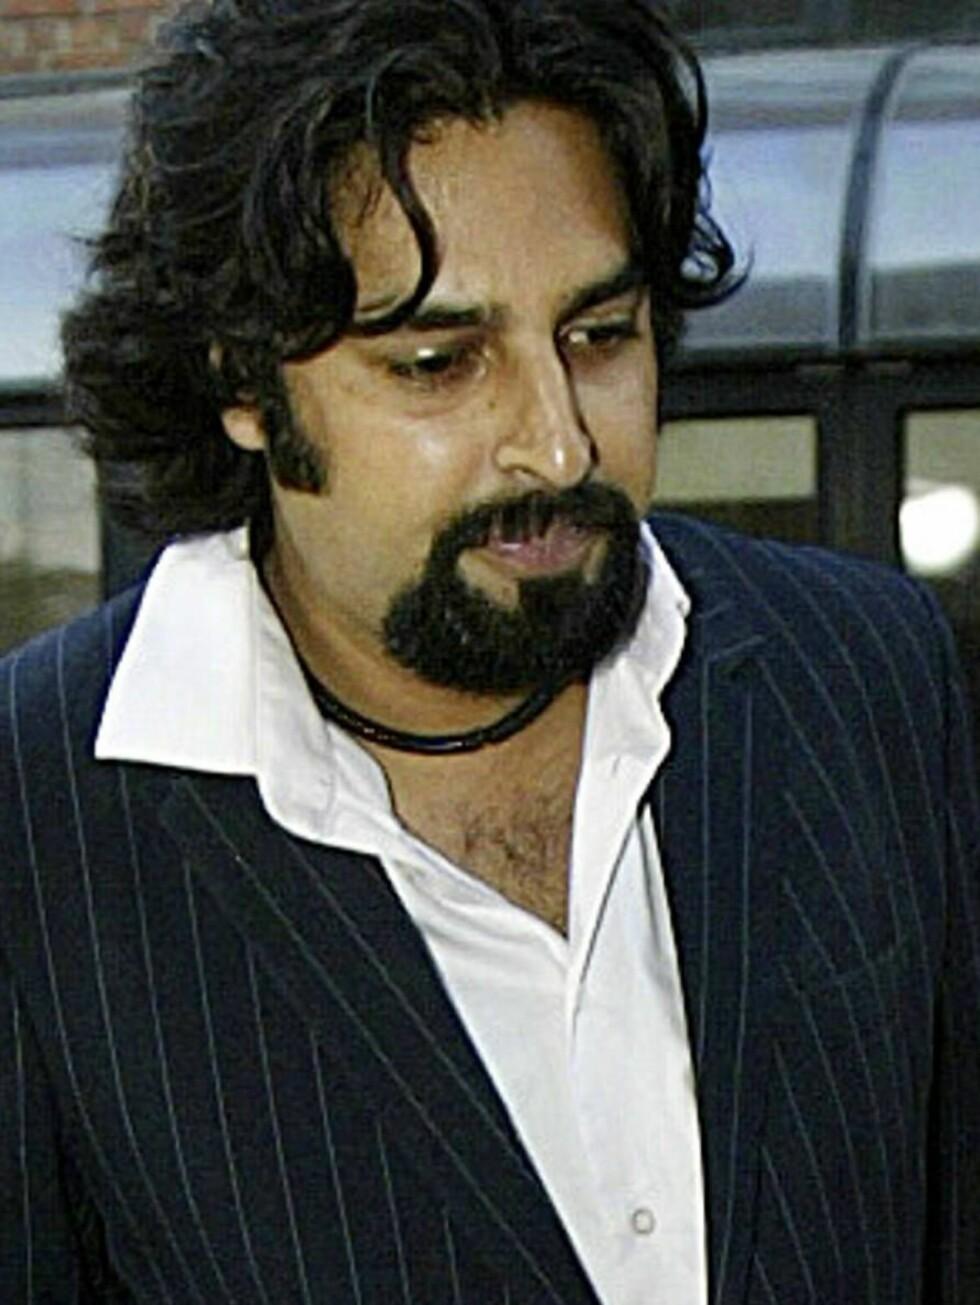 SIKTET: Zahid har innrømmet å ha kastet ølglasset. Tidligere er han idømt en bot for en bombespøk mot Den norske opera. Foto: SCANPIX